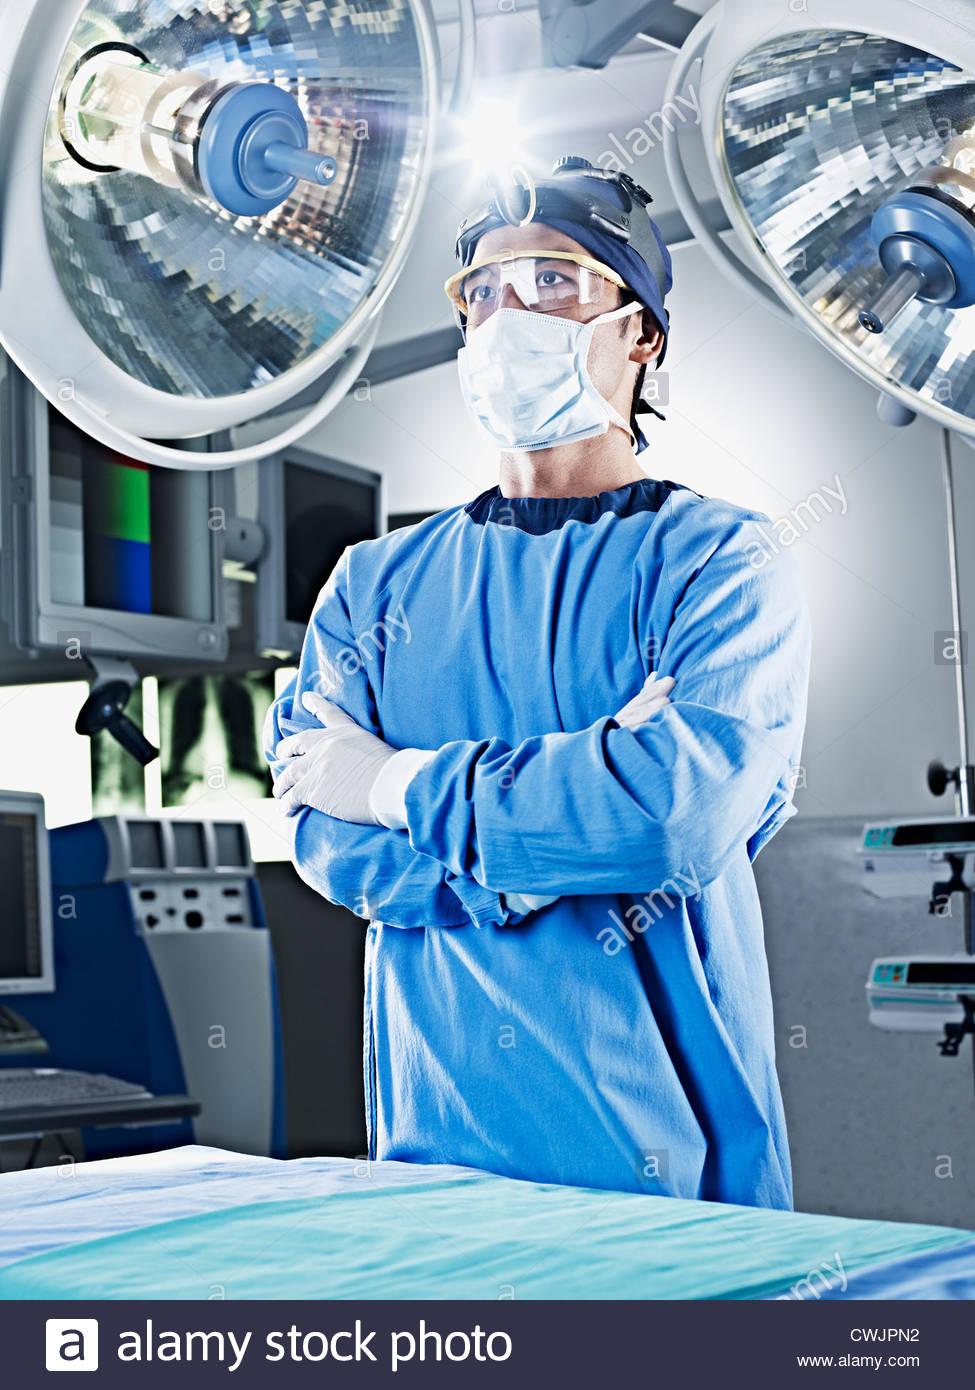 Porträt von Ernst Chirurg mit verschränkten unter OP-Leuchten Stockfoto